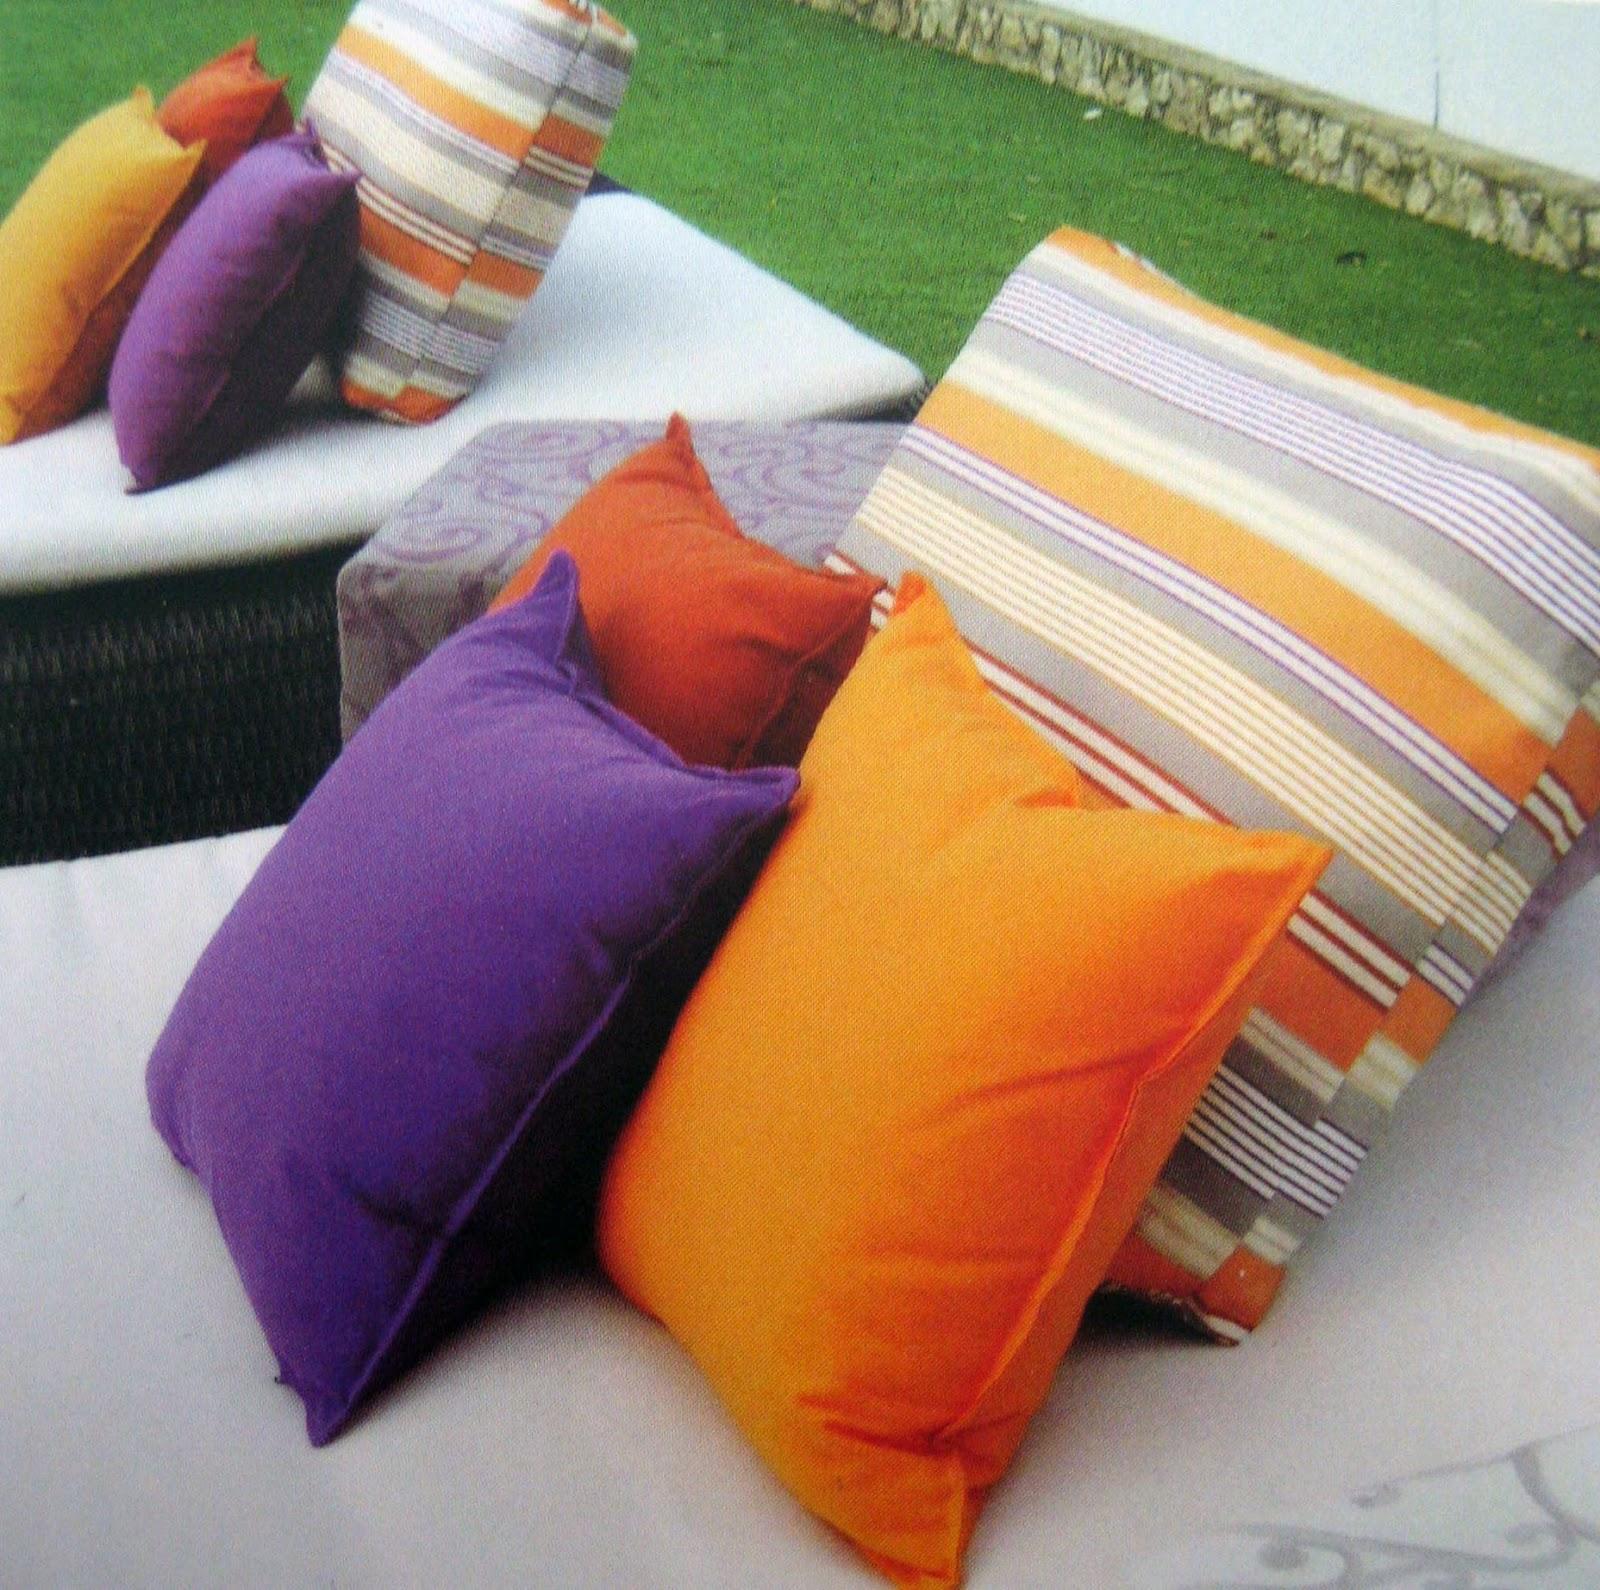 Confección de cojines de exterior | Ideas ALADRO I PUIG